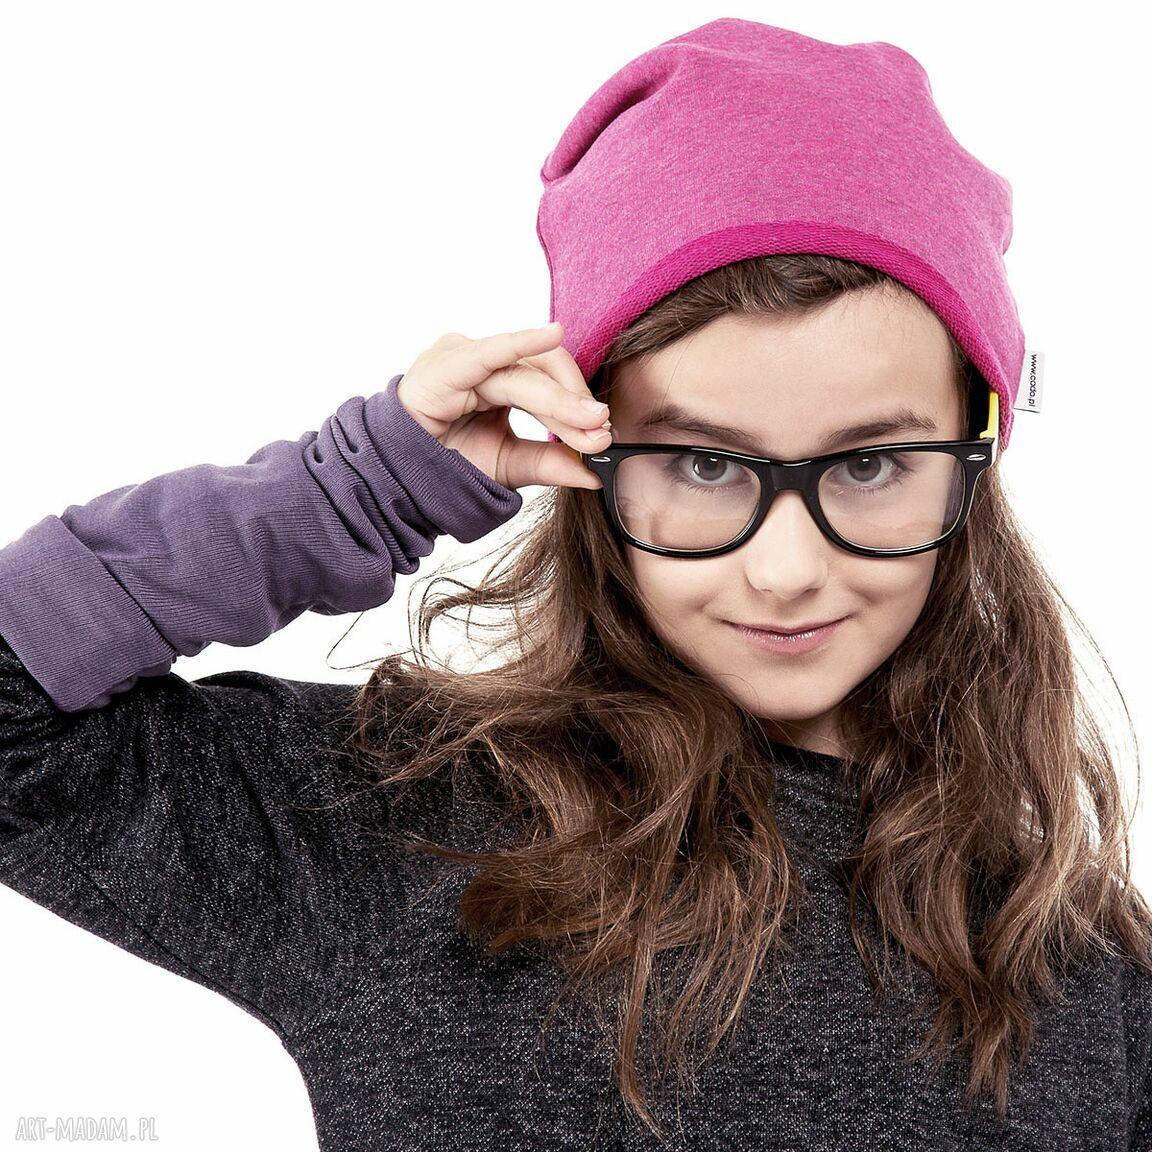 niepowtarzalne ubranka dzianina wygodna i praktyczna czapka